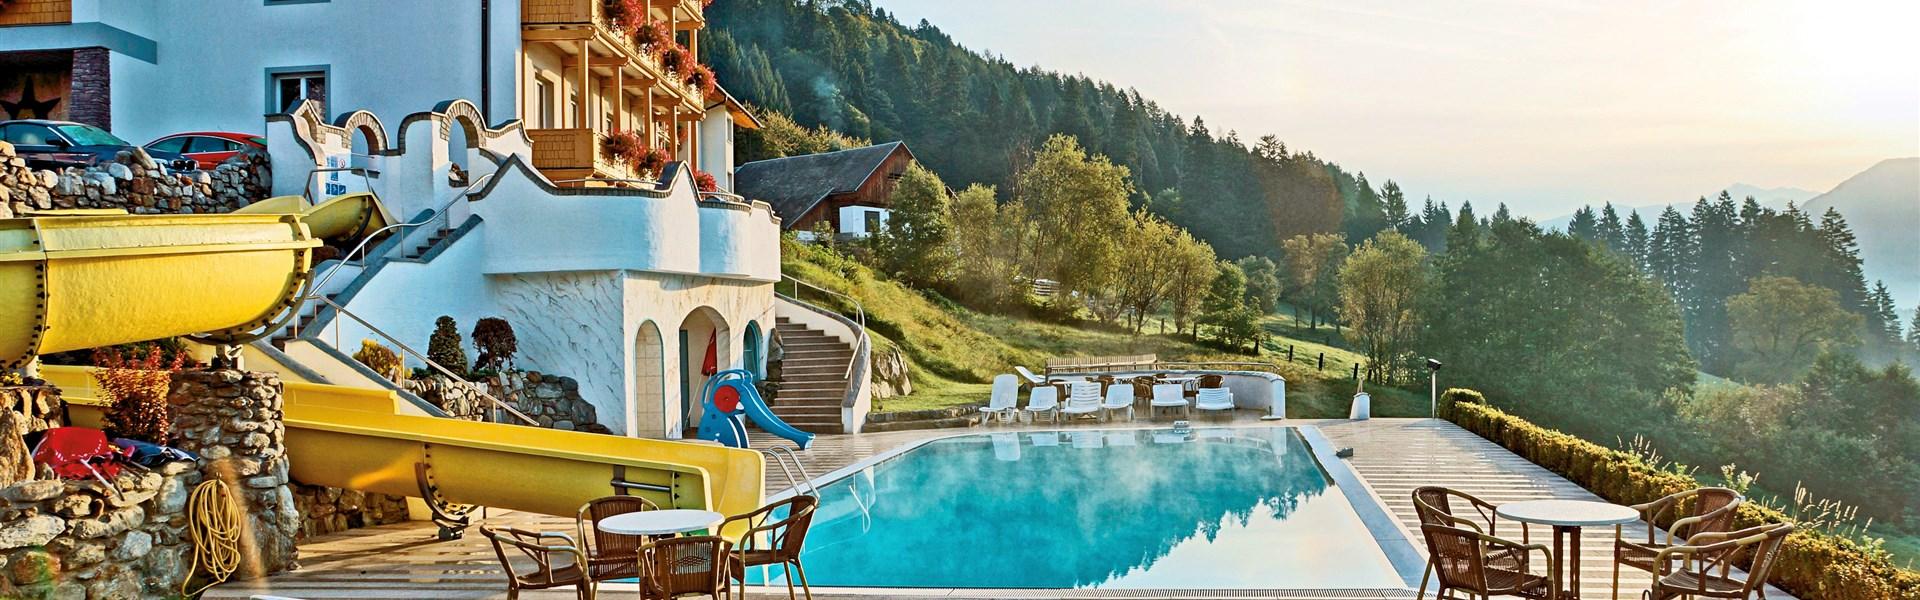 Marco Polo - Ferienhotel Glocknerhof -